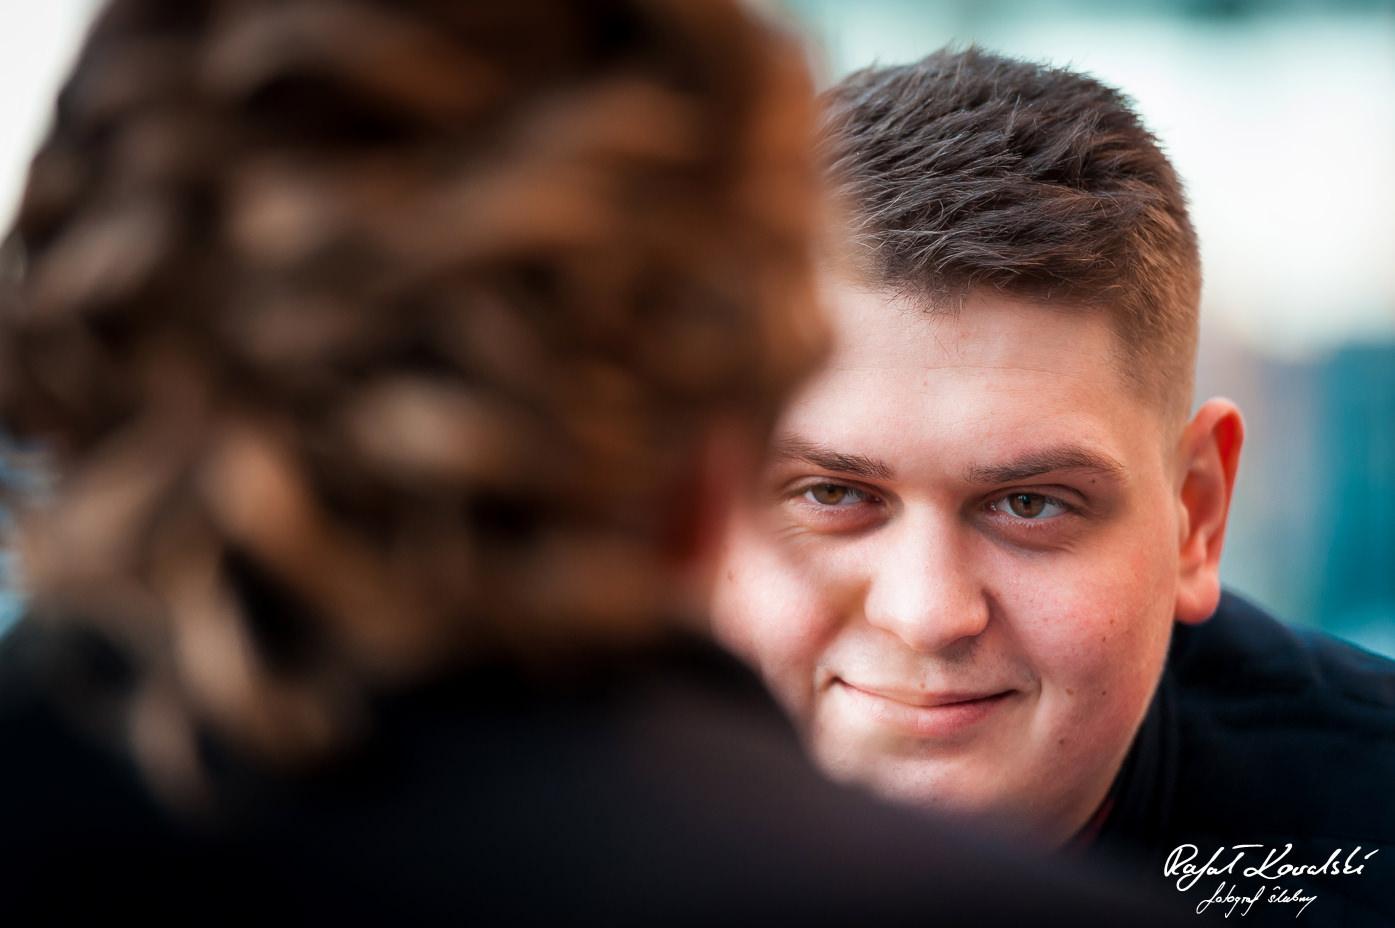 sesja dla narzeczonych w Gdańsku - pełne miłości spojrzenie przyszłego Pana Młodego